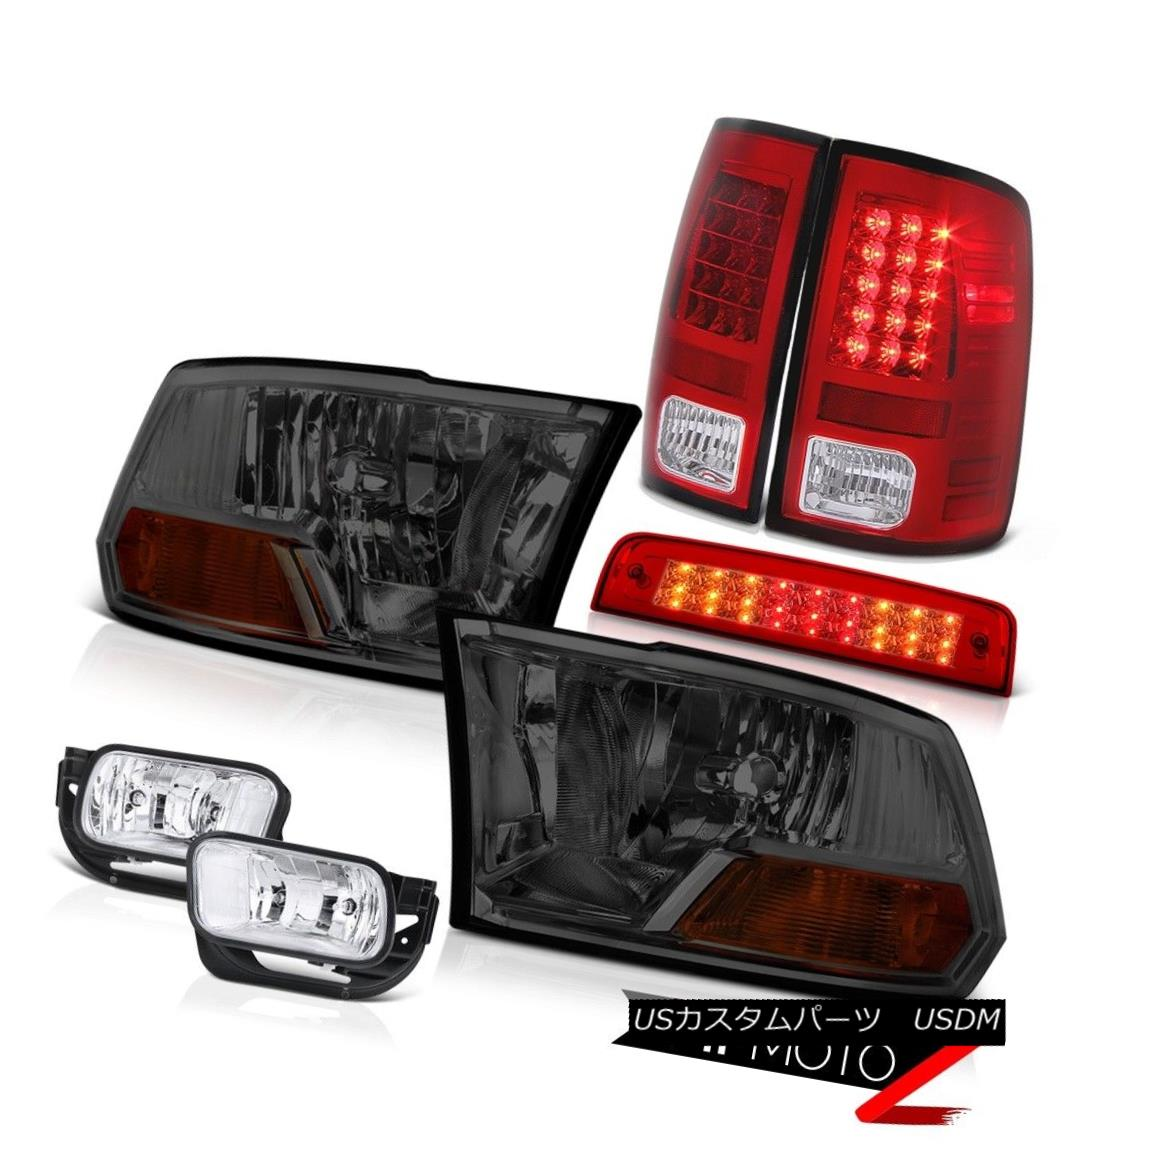 テールライト 2010-2018 Ram 3500 6.7L 3RD Brake Light Fog Lights Rear Headlamps CrySTal Lens 2010-2018 Ram 3500 6.7L 3RDブレーキライトフォグライトリアヘッドランプCrySTalレンズ